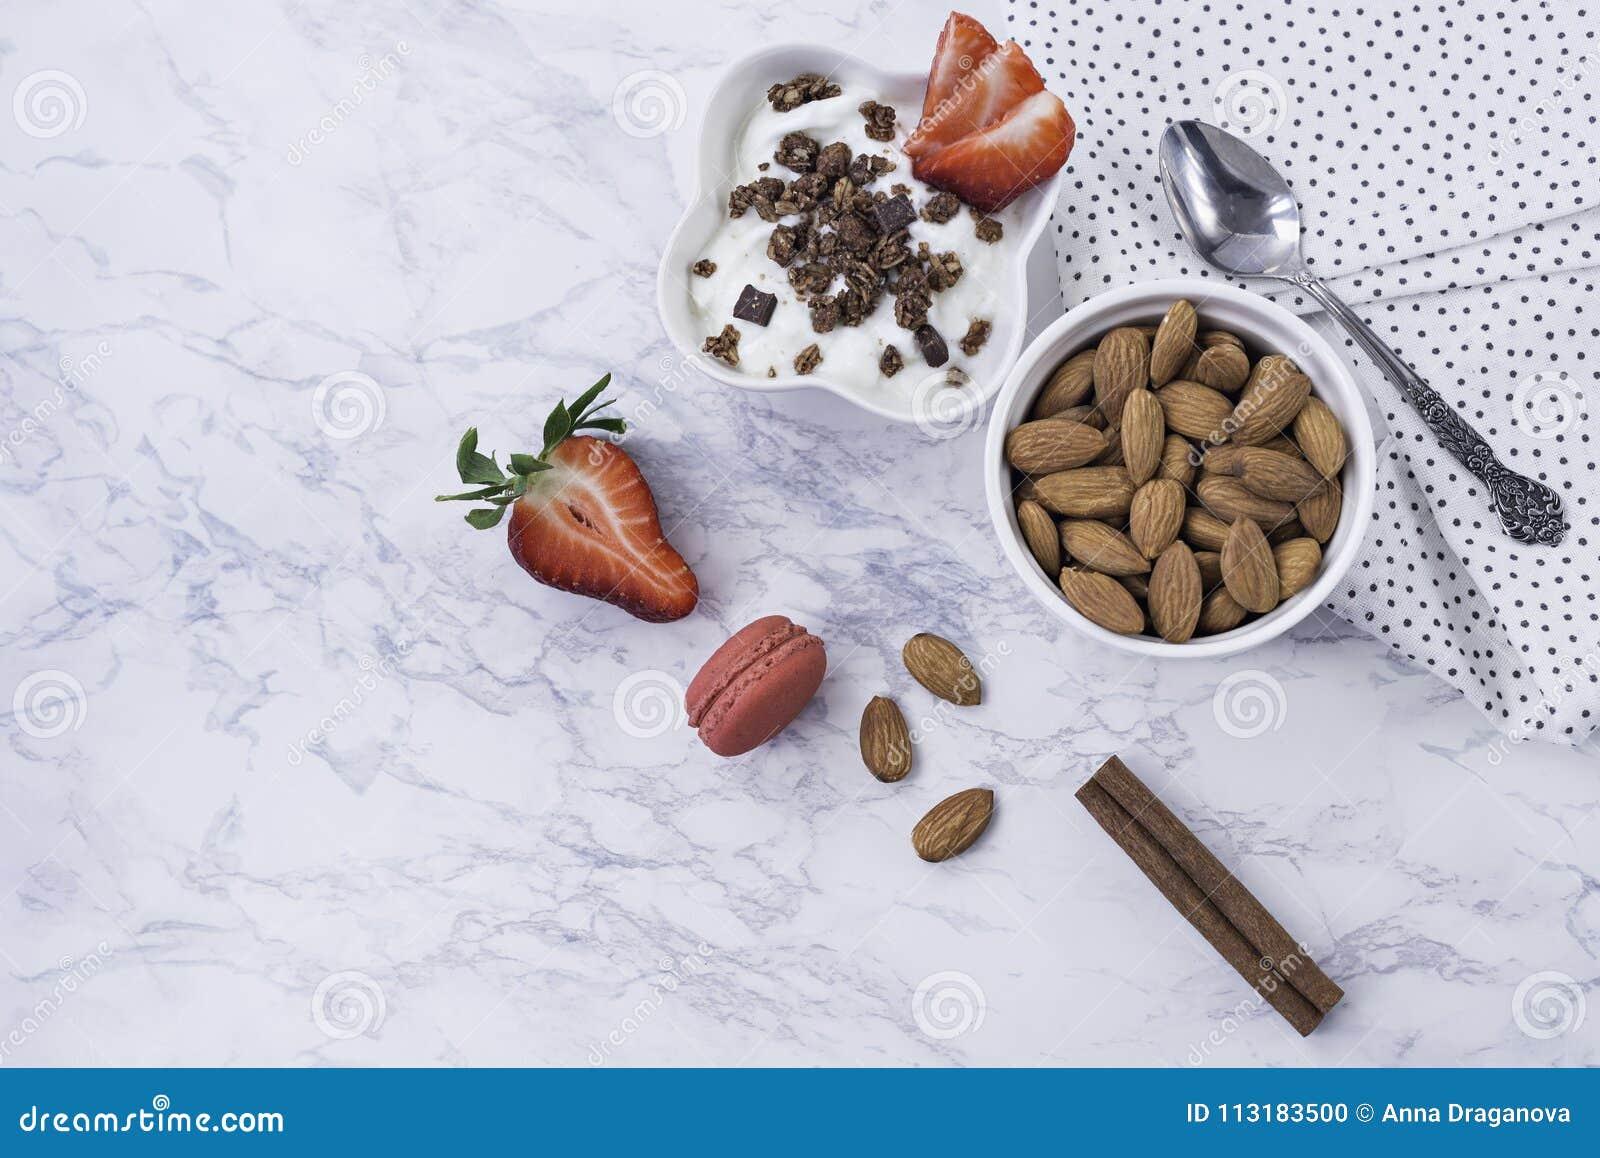 Prima colazione alla moda decorata e sana - fragole, yogurt con granola e mandorle su un fondo di marmo bianco